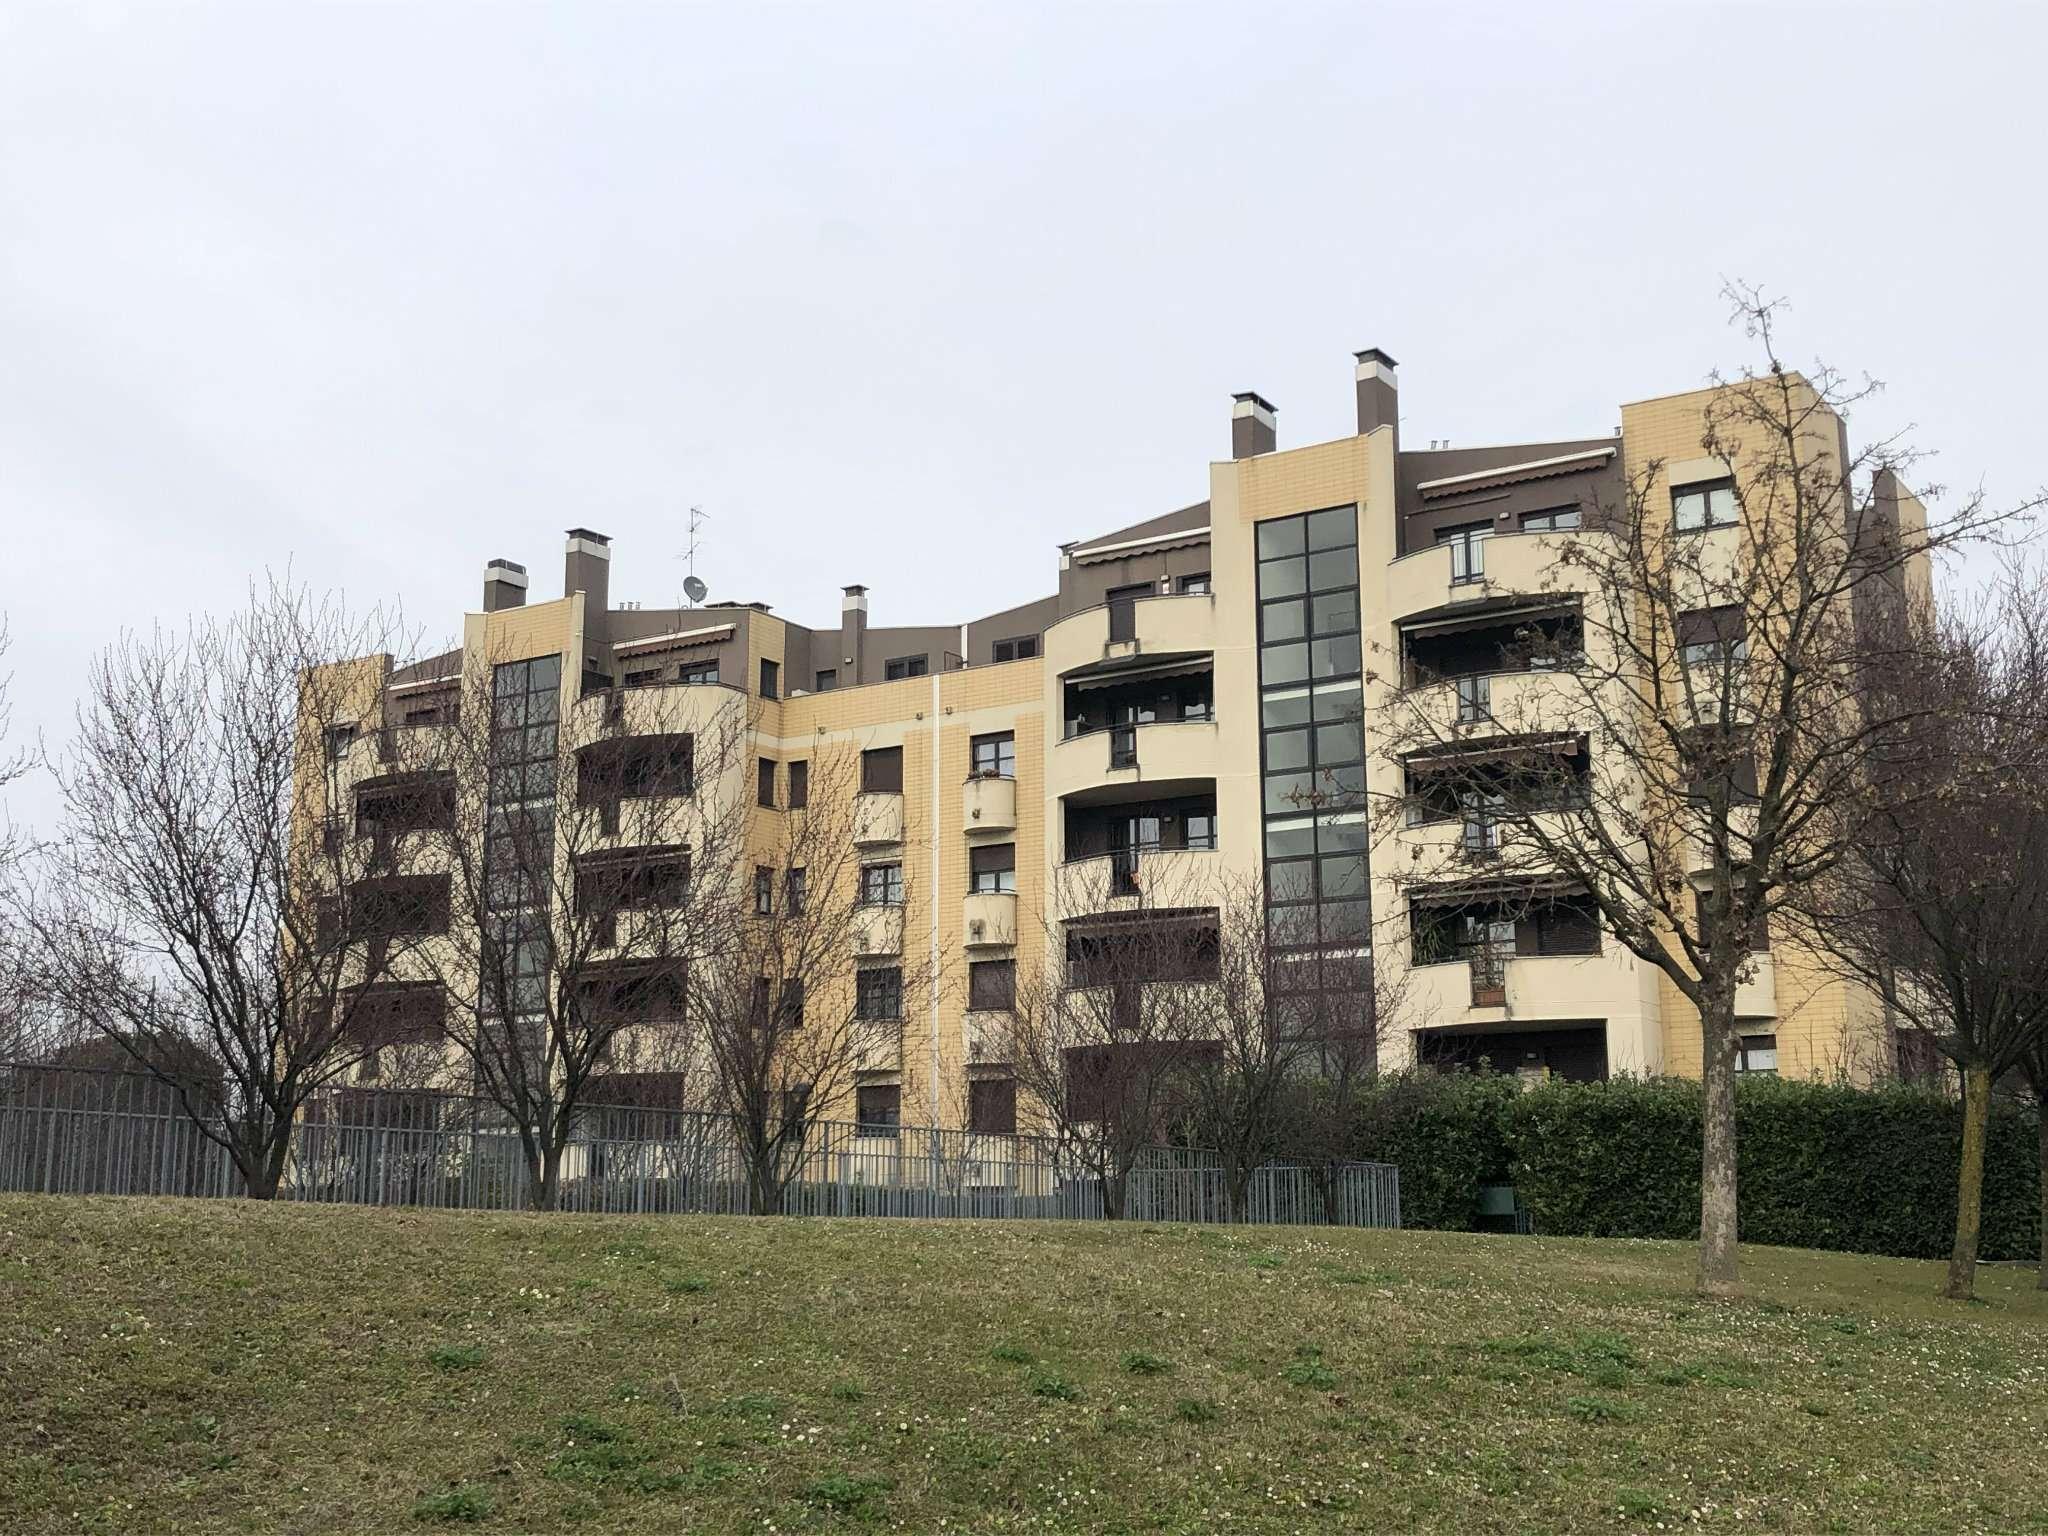 Appartamento in vendita a Muggiò, 3 locali, prezzo € 165.000 | PortaleAgenzieImmobiliari.it